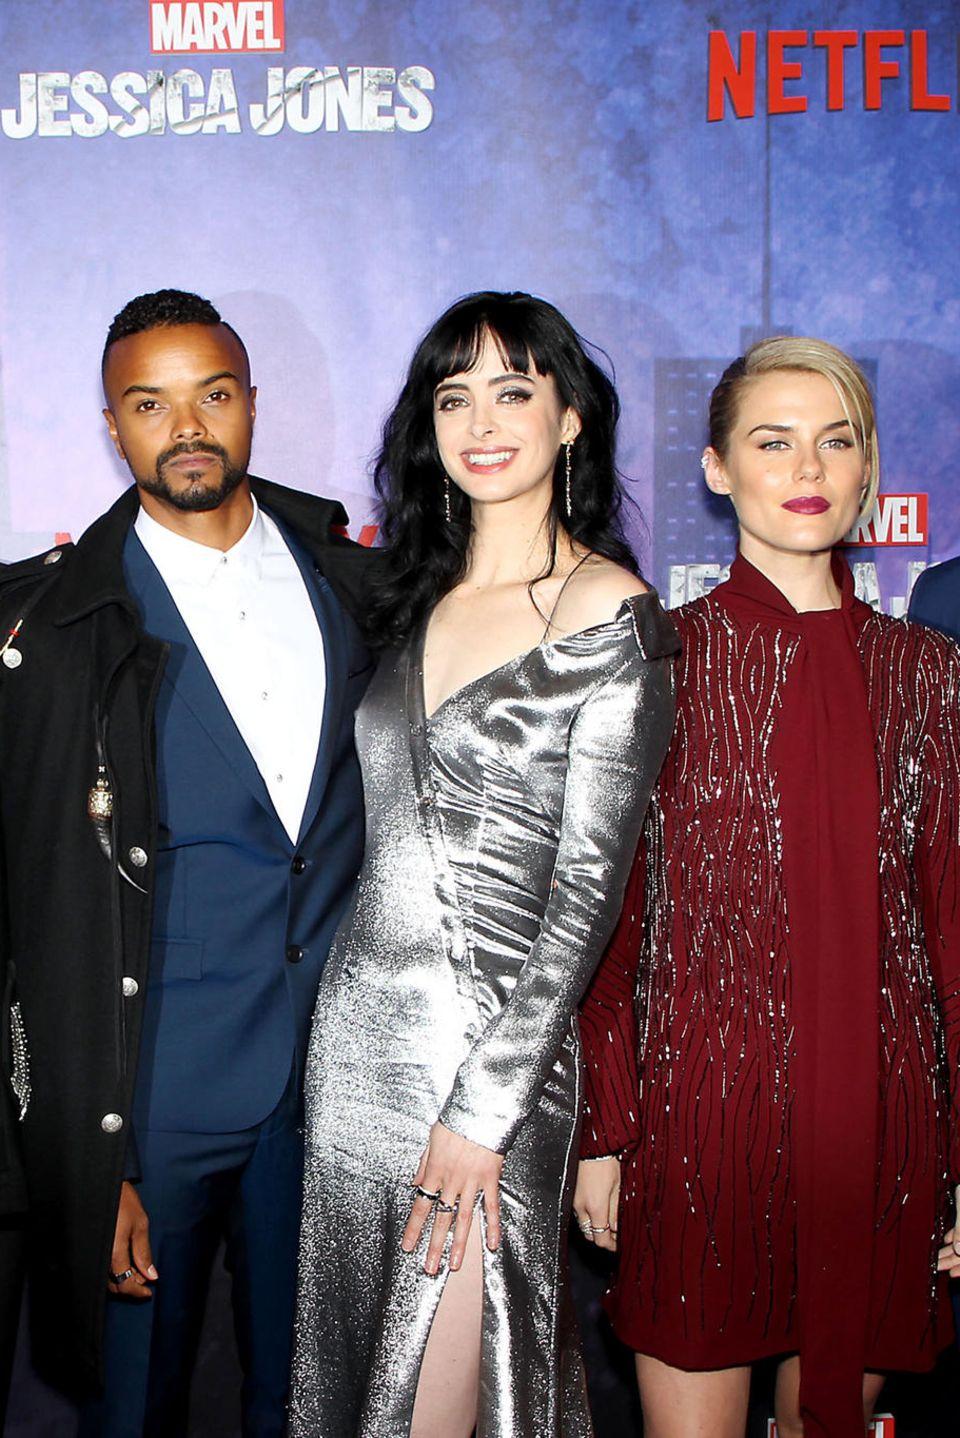 7. März 2018   Premiere in New York findet die Premiere von Marvel's Jessica Jones Staffel 2statt: Der Cast um Hauptdarstellerin Krysten Ritter (3. v. r.) strahlt auf dem roten Teppich.